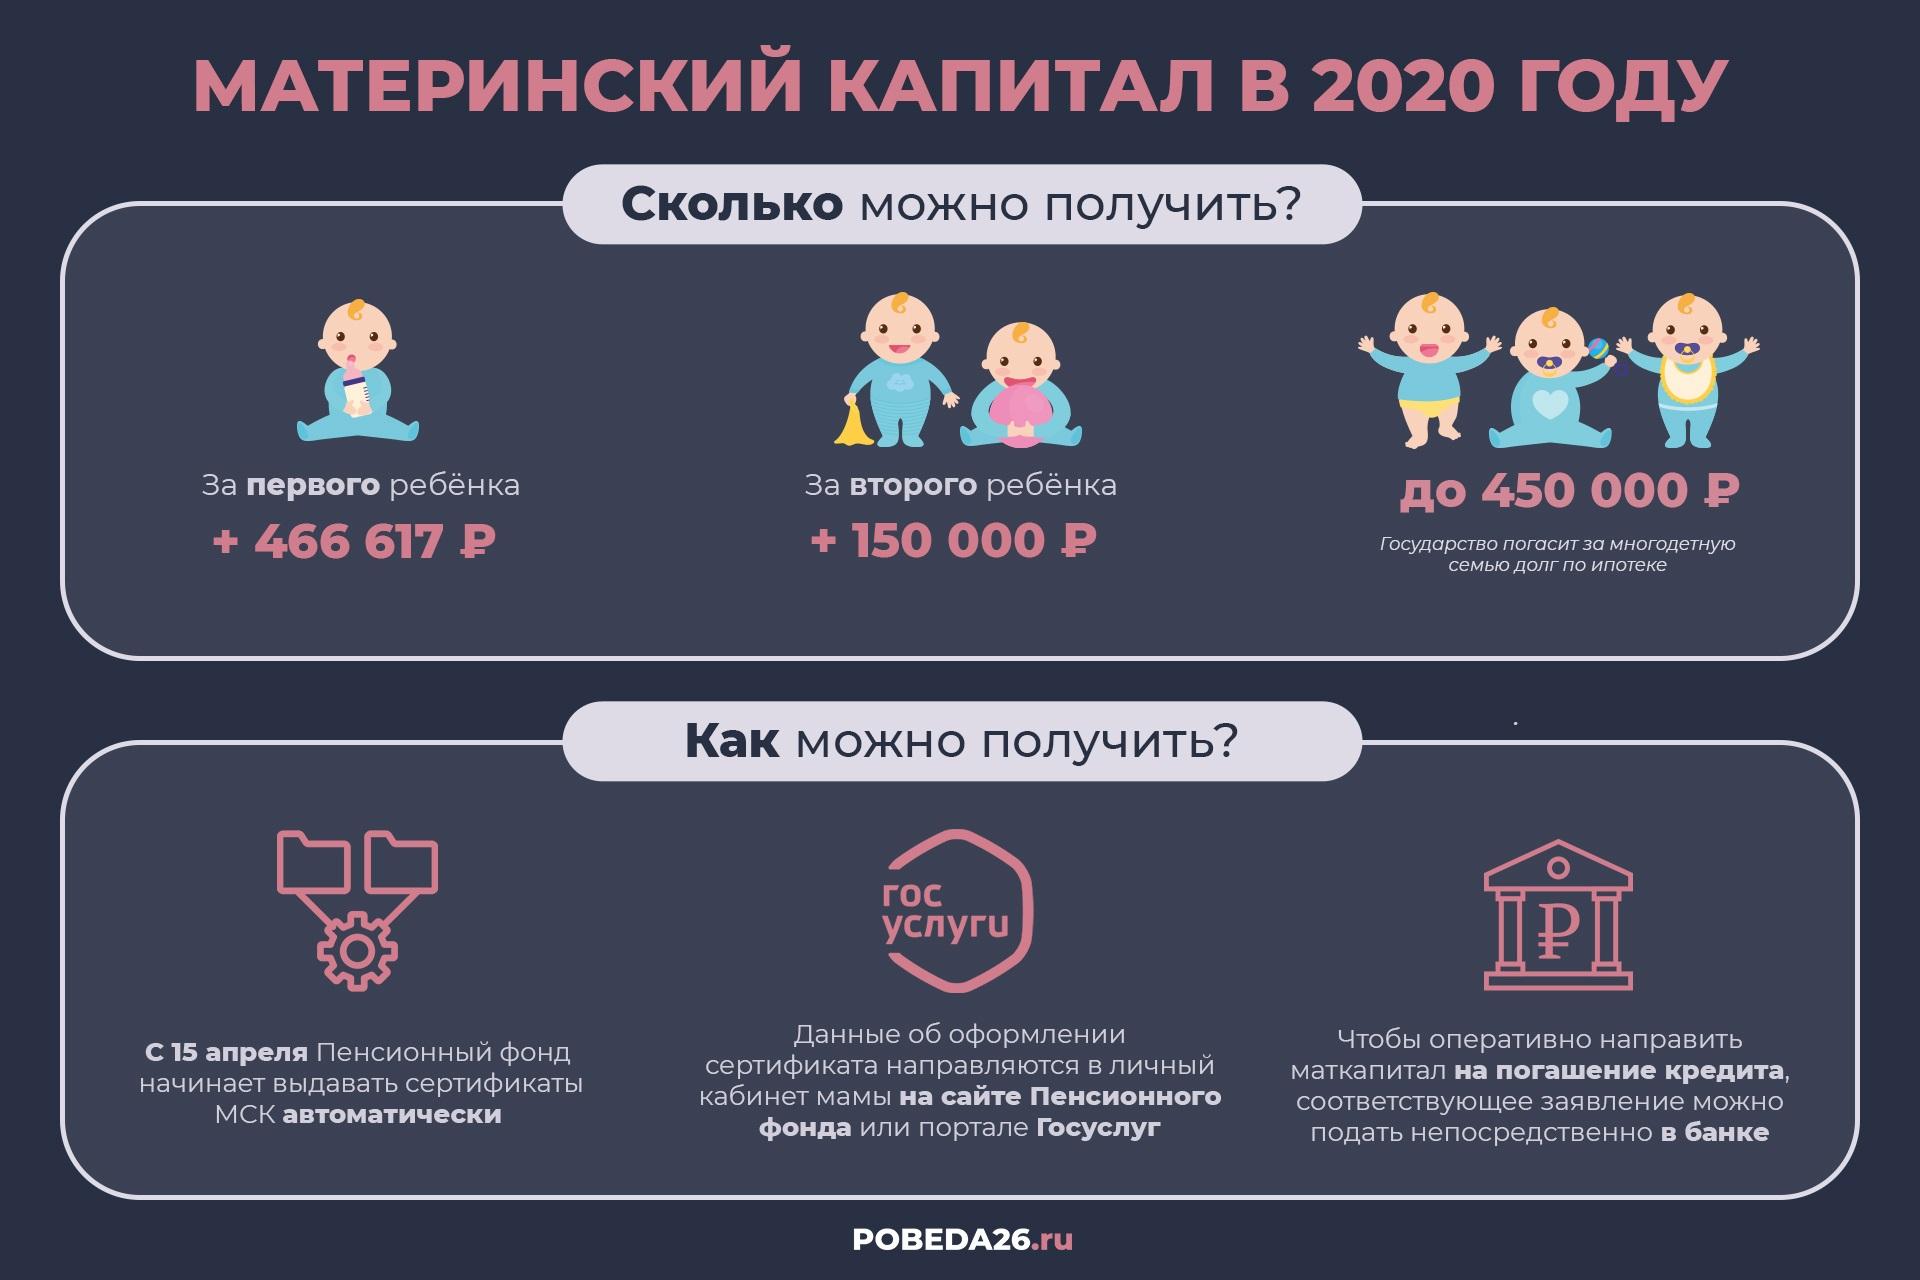 Материнский капитал 2020 на покупку участка